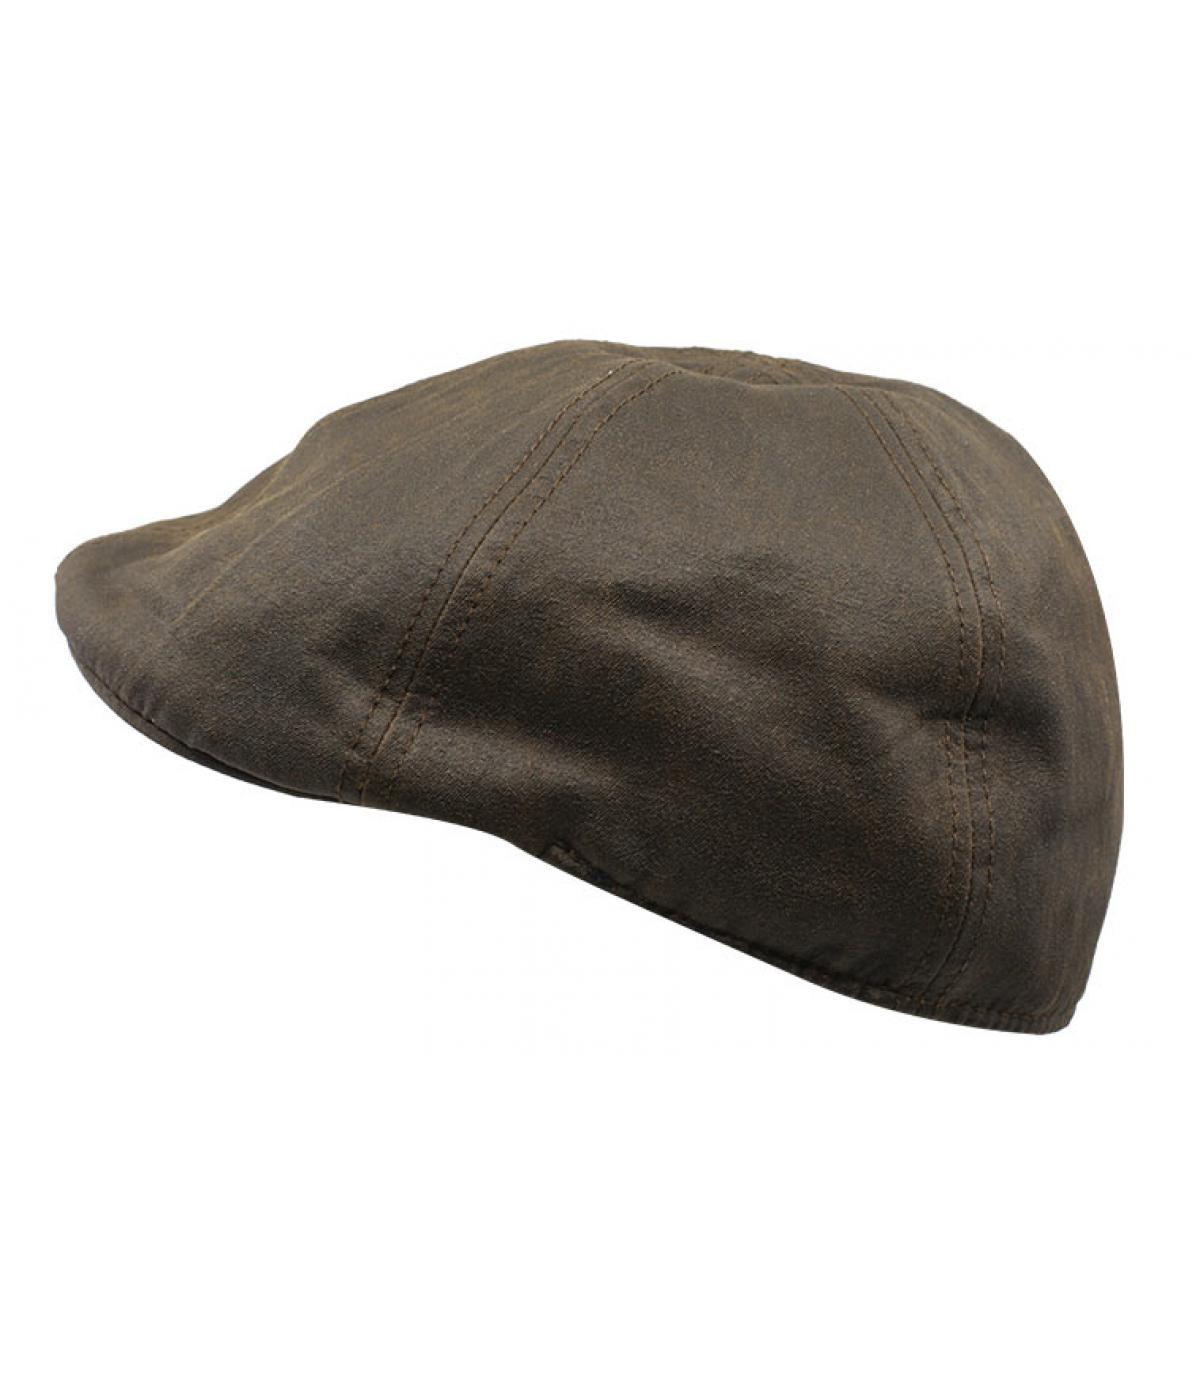 brown cotton duckbill cap